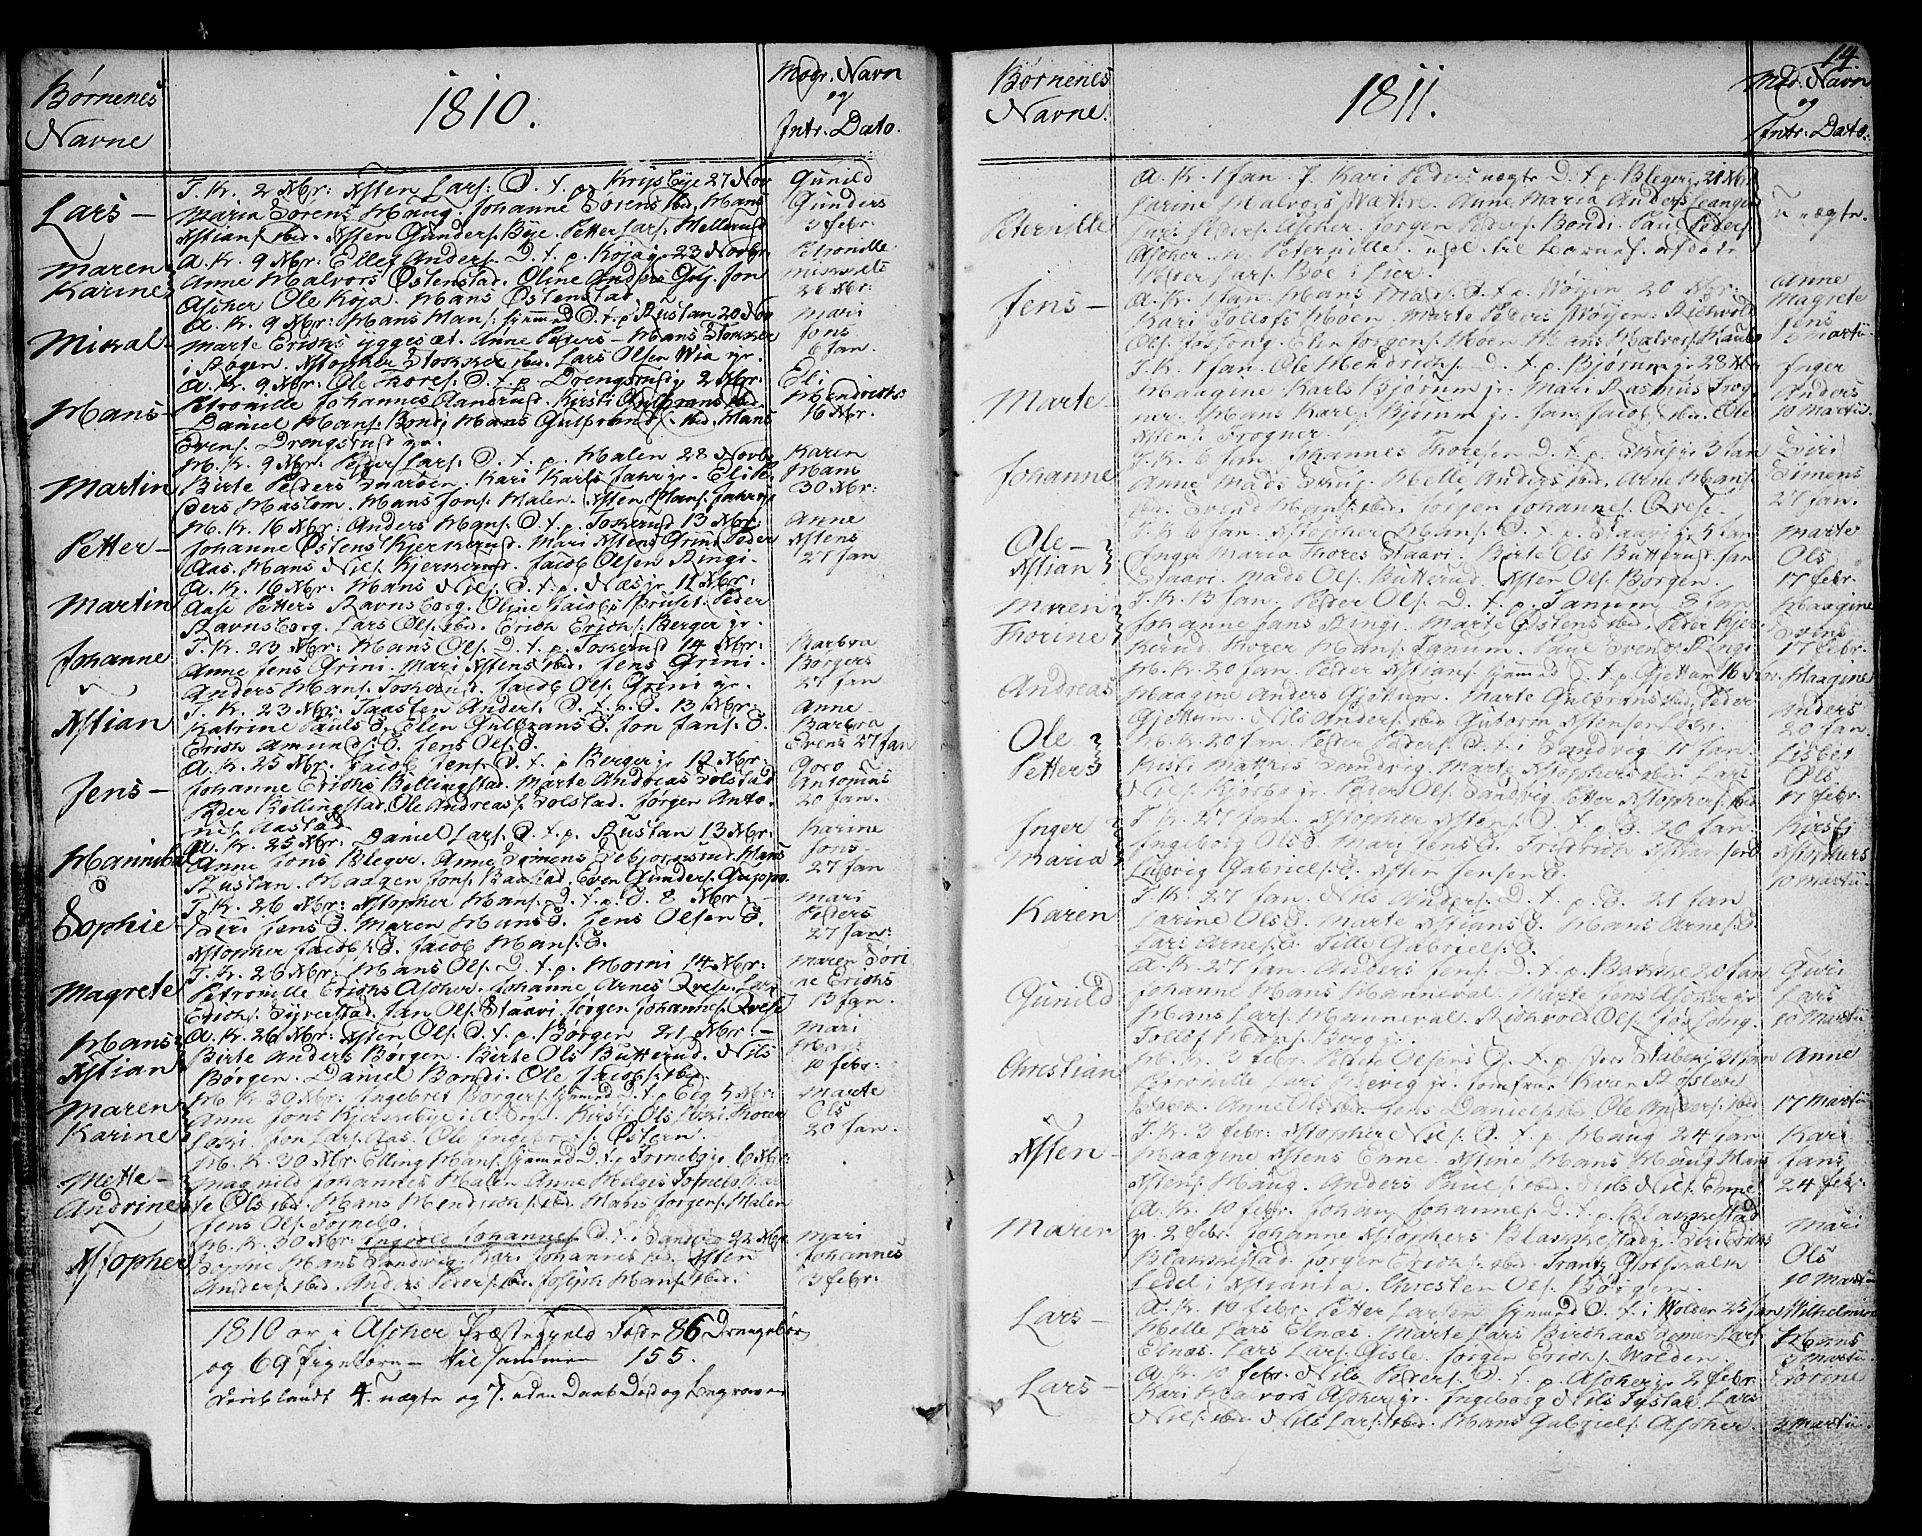 SAO, Asker prestekontor Kirkebøker, F/Fa/L0005: Ministerialbok nr. I 5, 1807-1813, s. 14